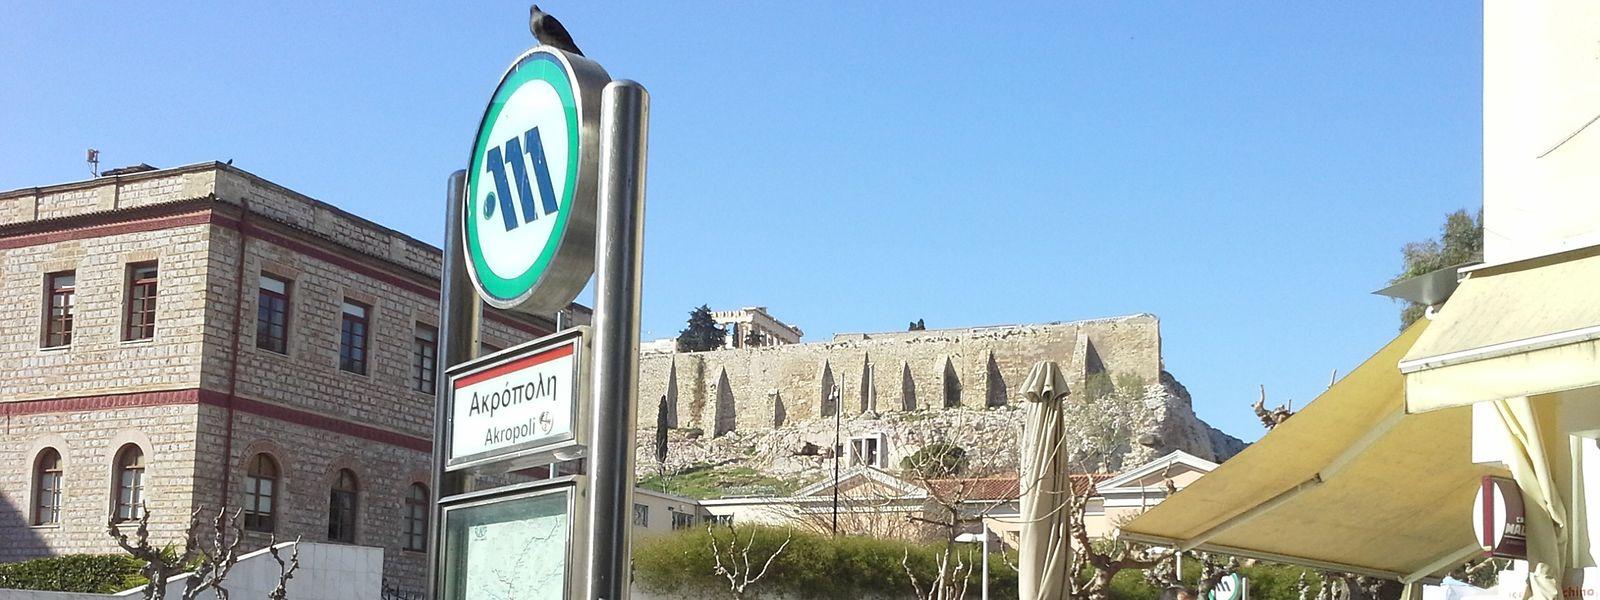 Nicht nur überirdisch gibt es an der Akropolis viel zu sehen. Auch die Metrostation wartet mit historischen Exponaten auf.